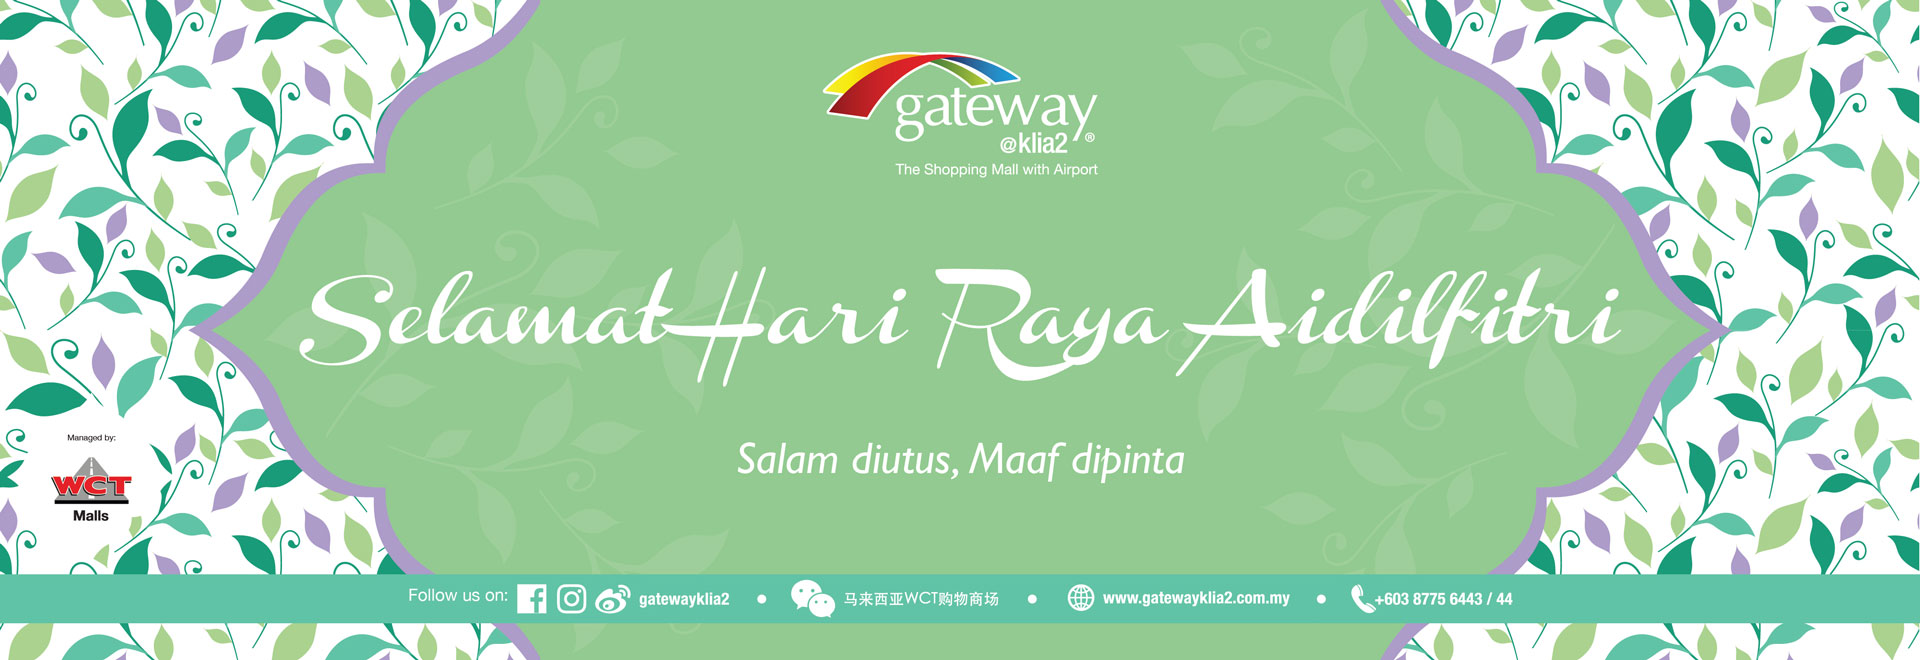 gatewa@klia2